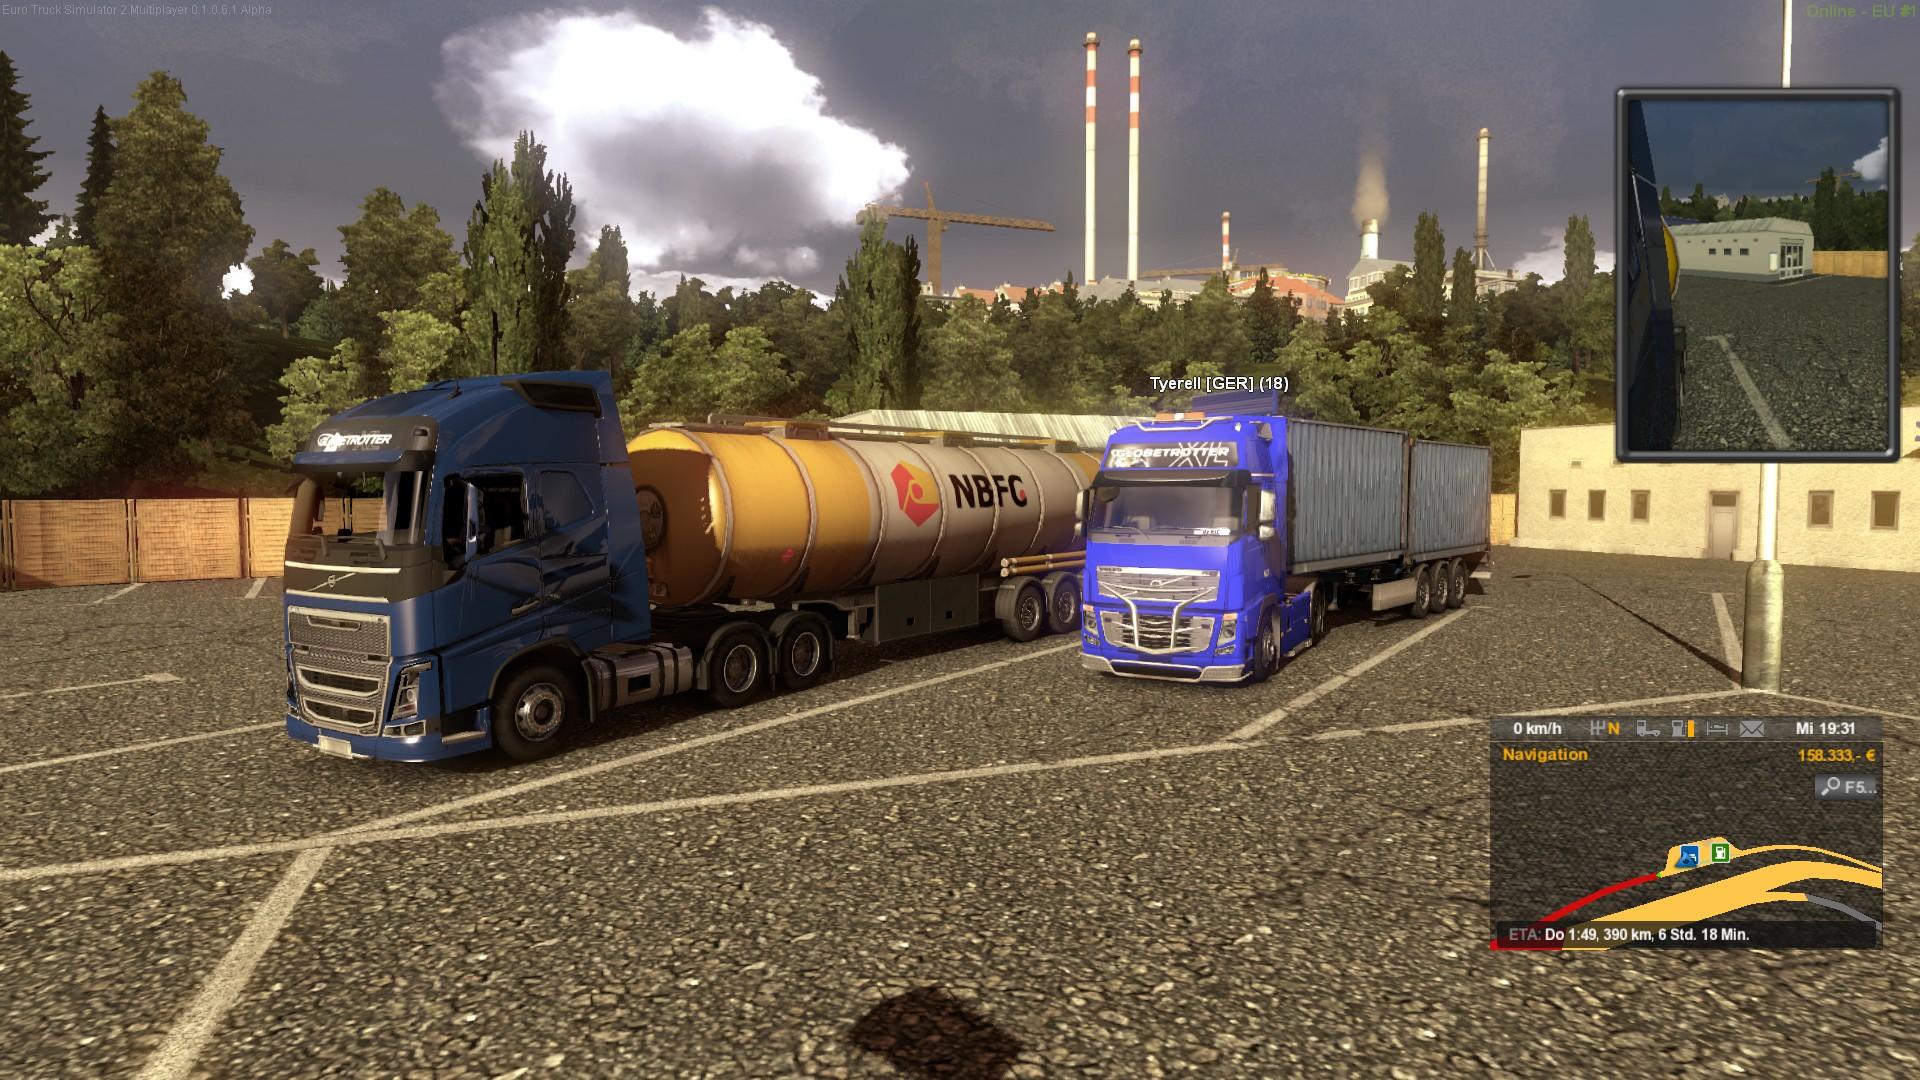 Zwei LKW auf einem Rastplatz